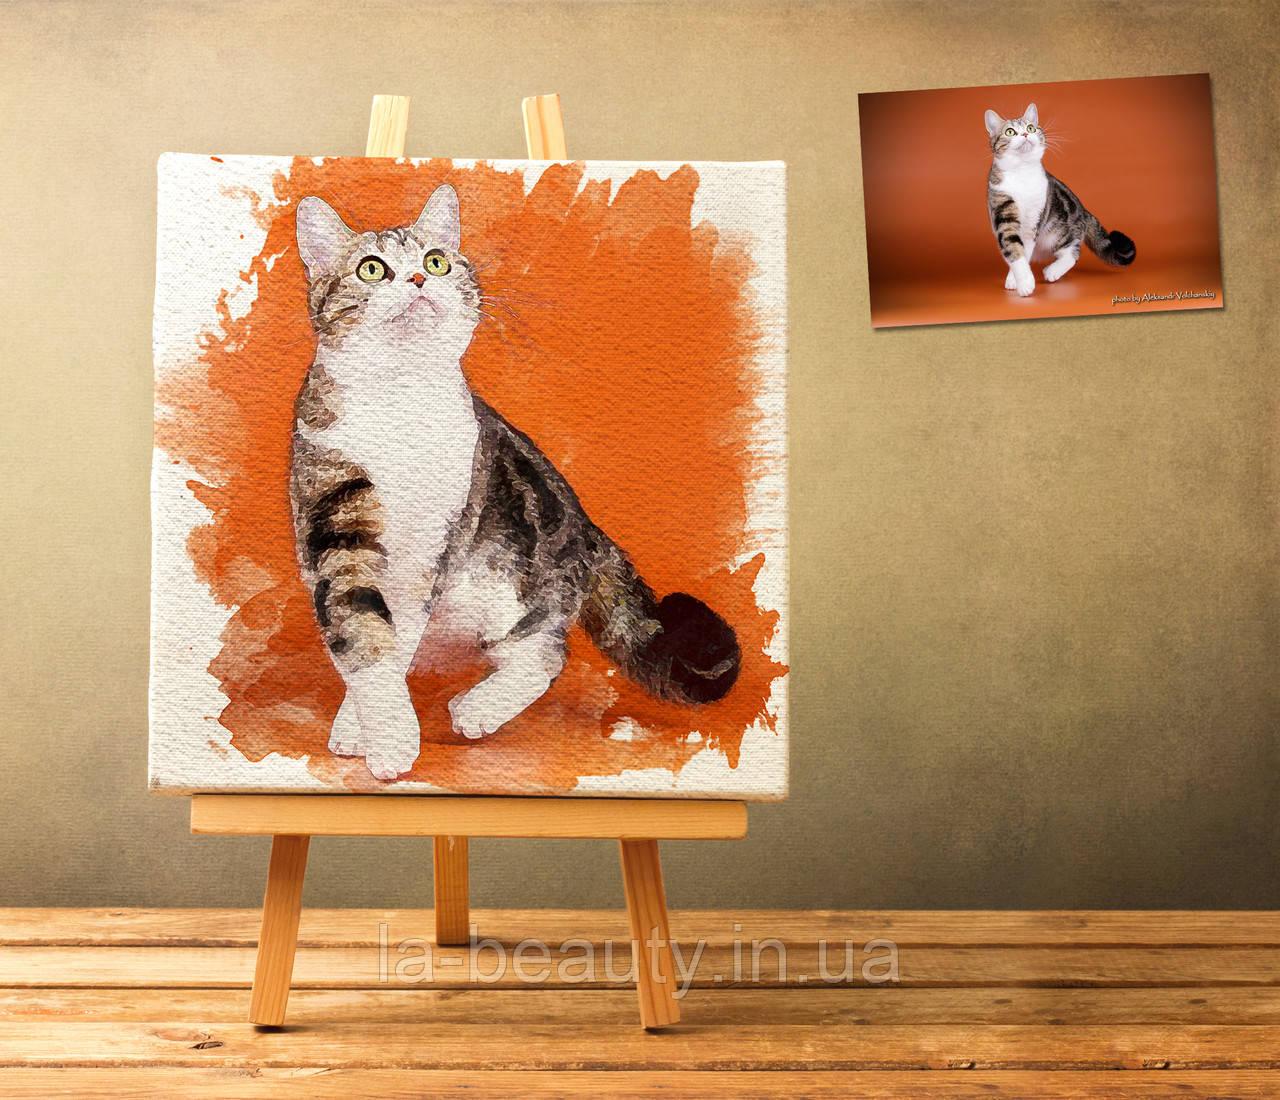 Дизайн и печать картин по Вашим фотографиям 50х50 см в акварельном стиле на холсте